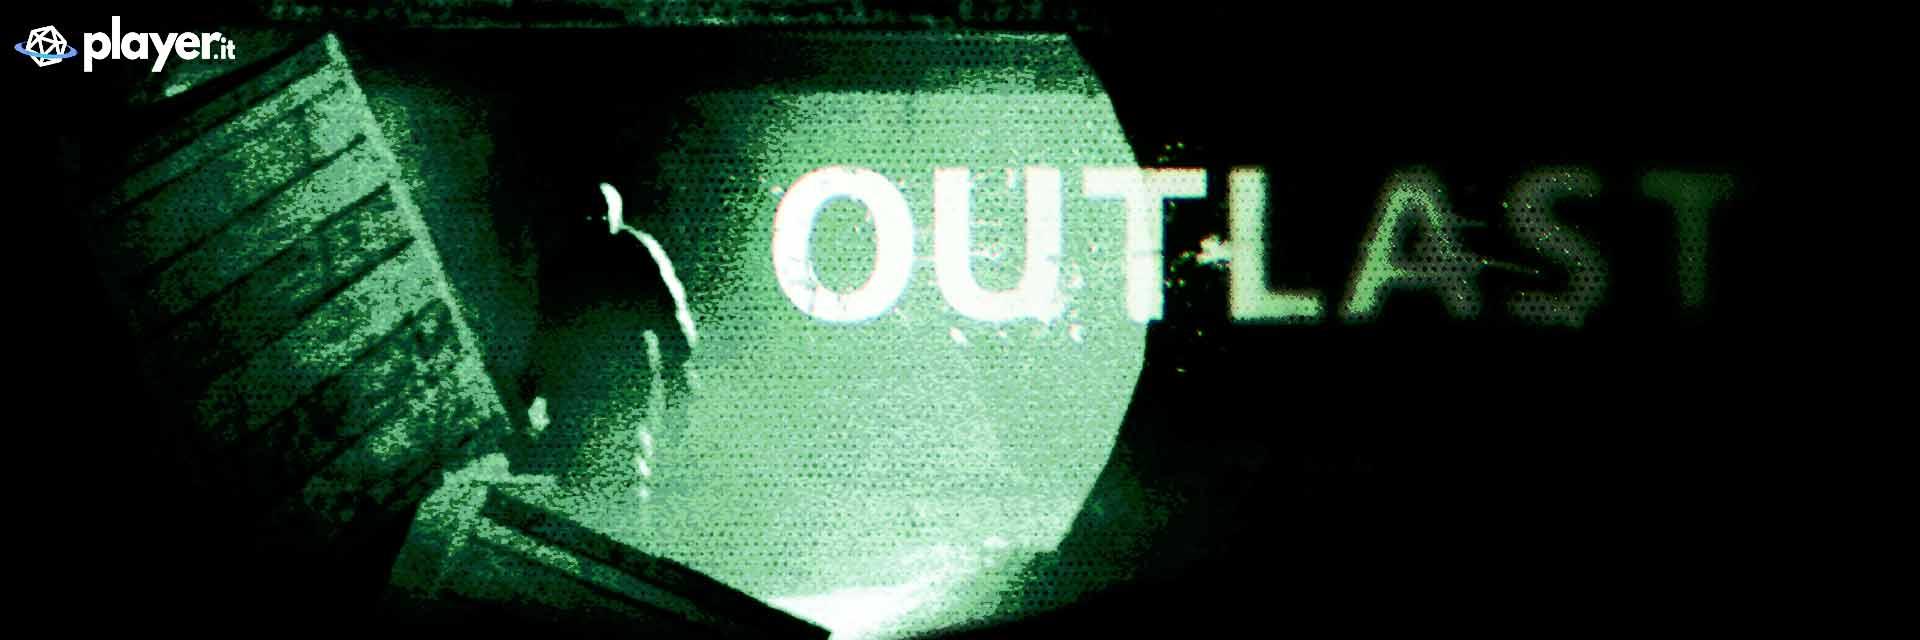 outlast wallpaper in HD